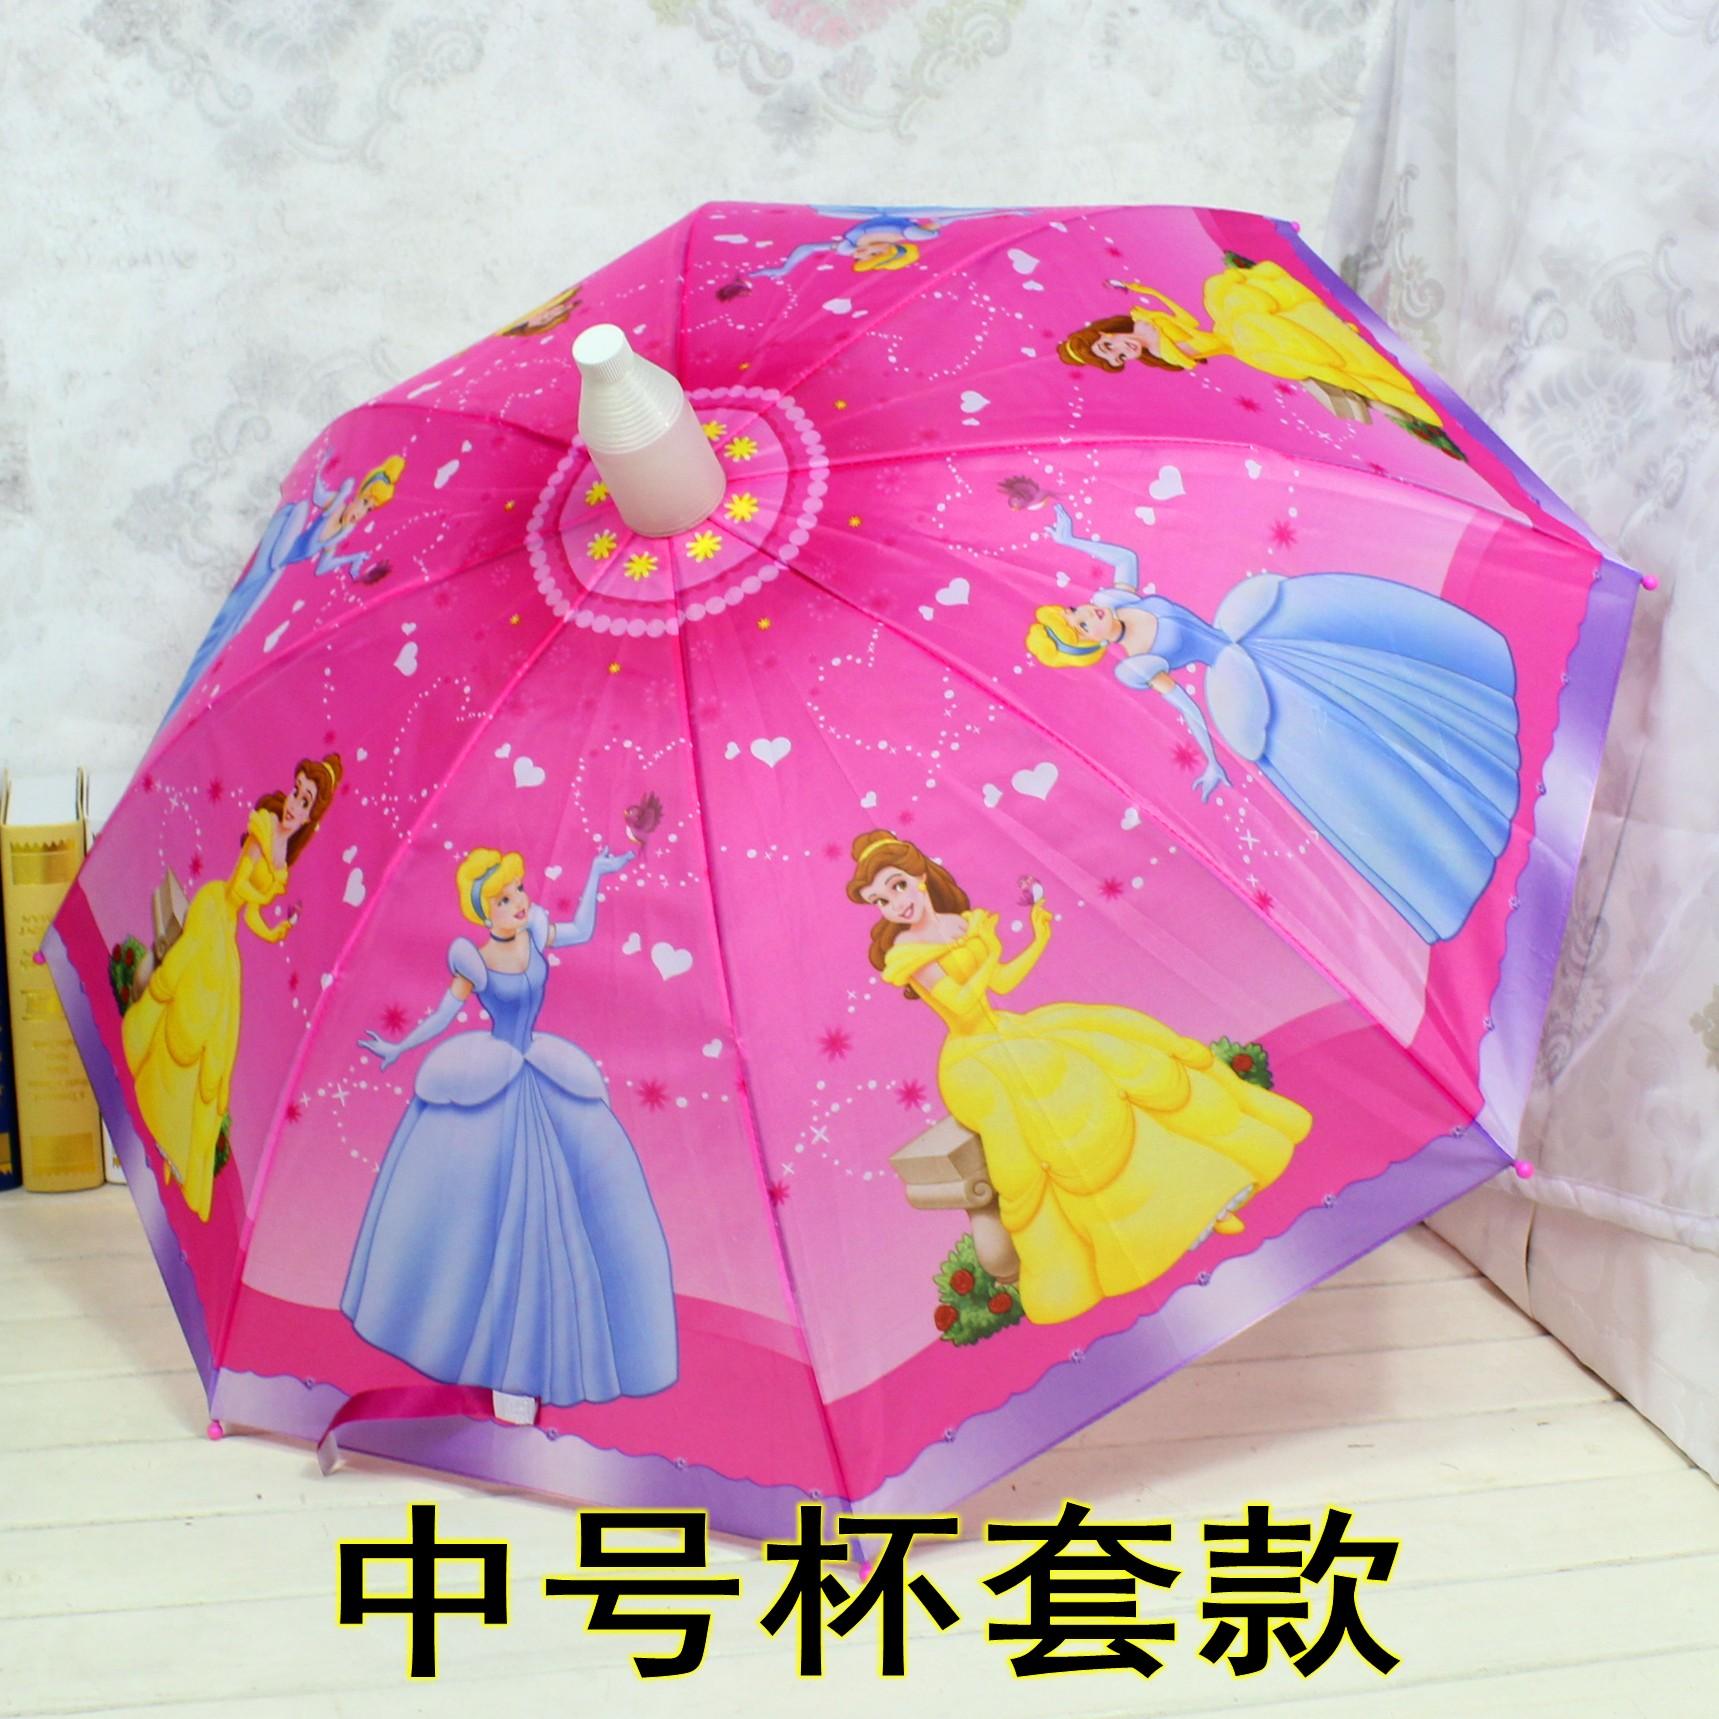 上学儿童雨伞自动伞公主伞男孩女孩晴雨伞 遮阳伞 特价包邮印LOGO